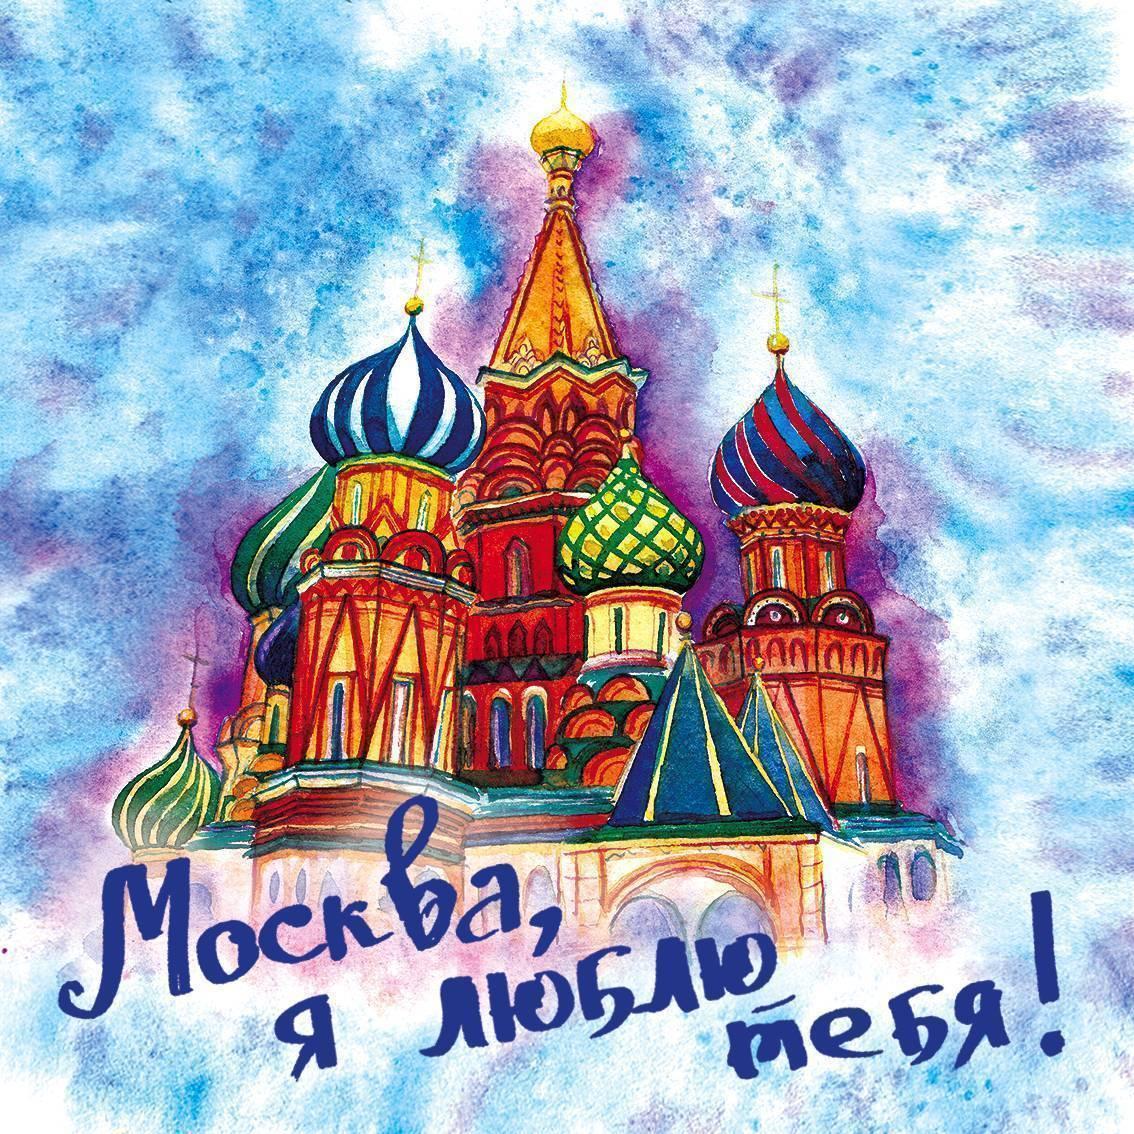 Открытка ко дню города москва своими руками, стоит отправить открытку